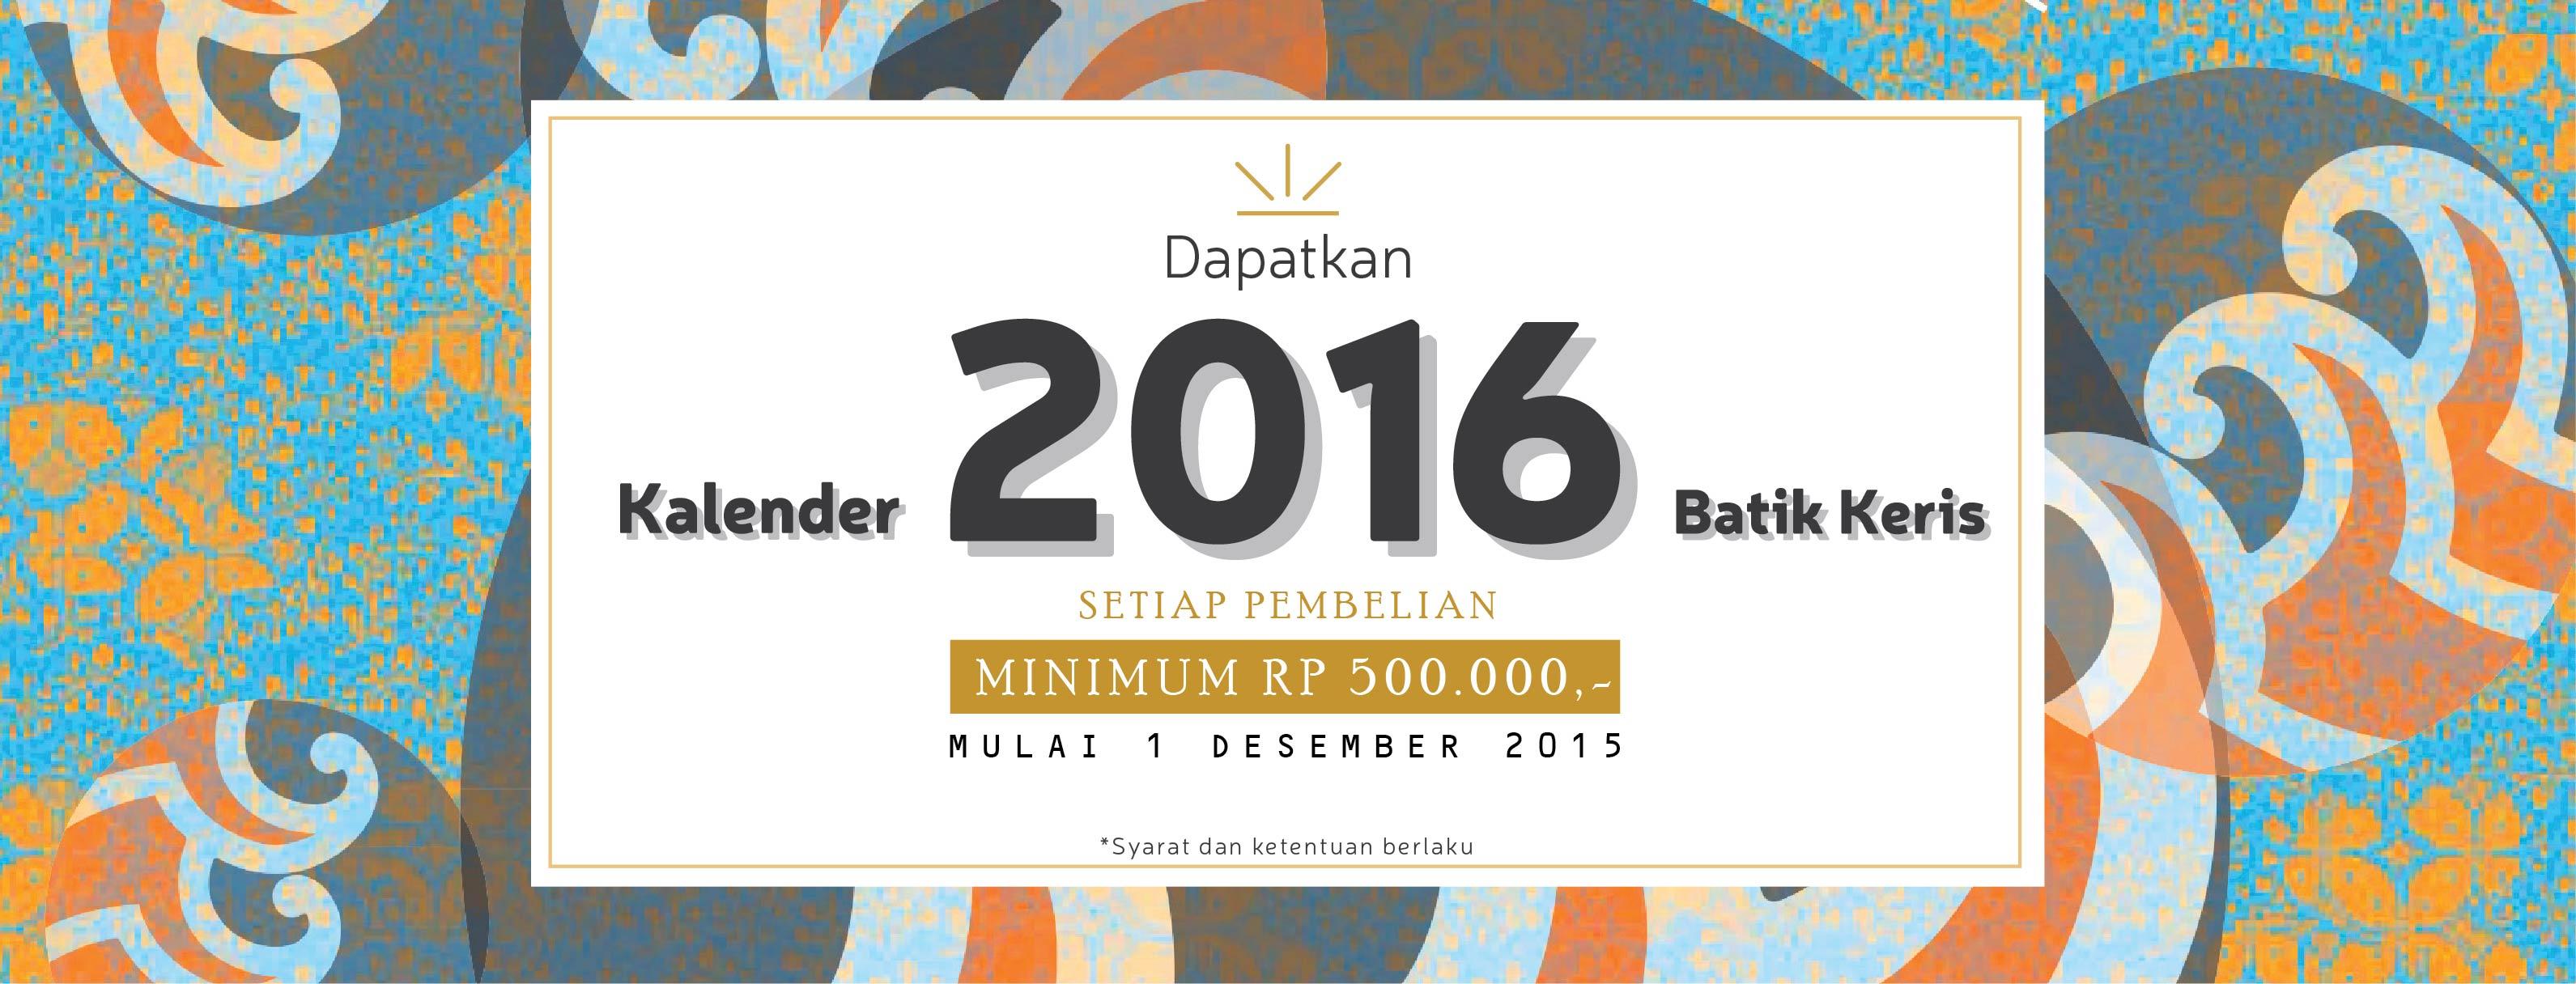 Kalender 2016 Batik Keris